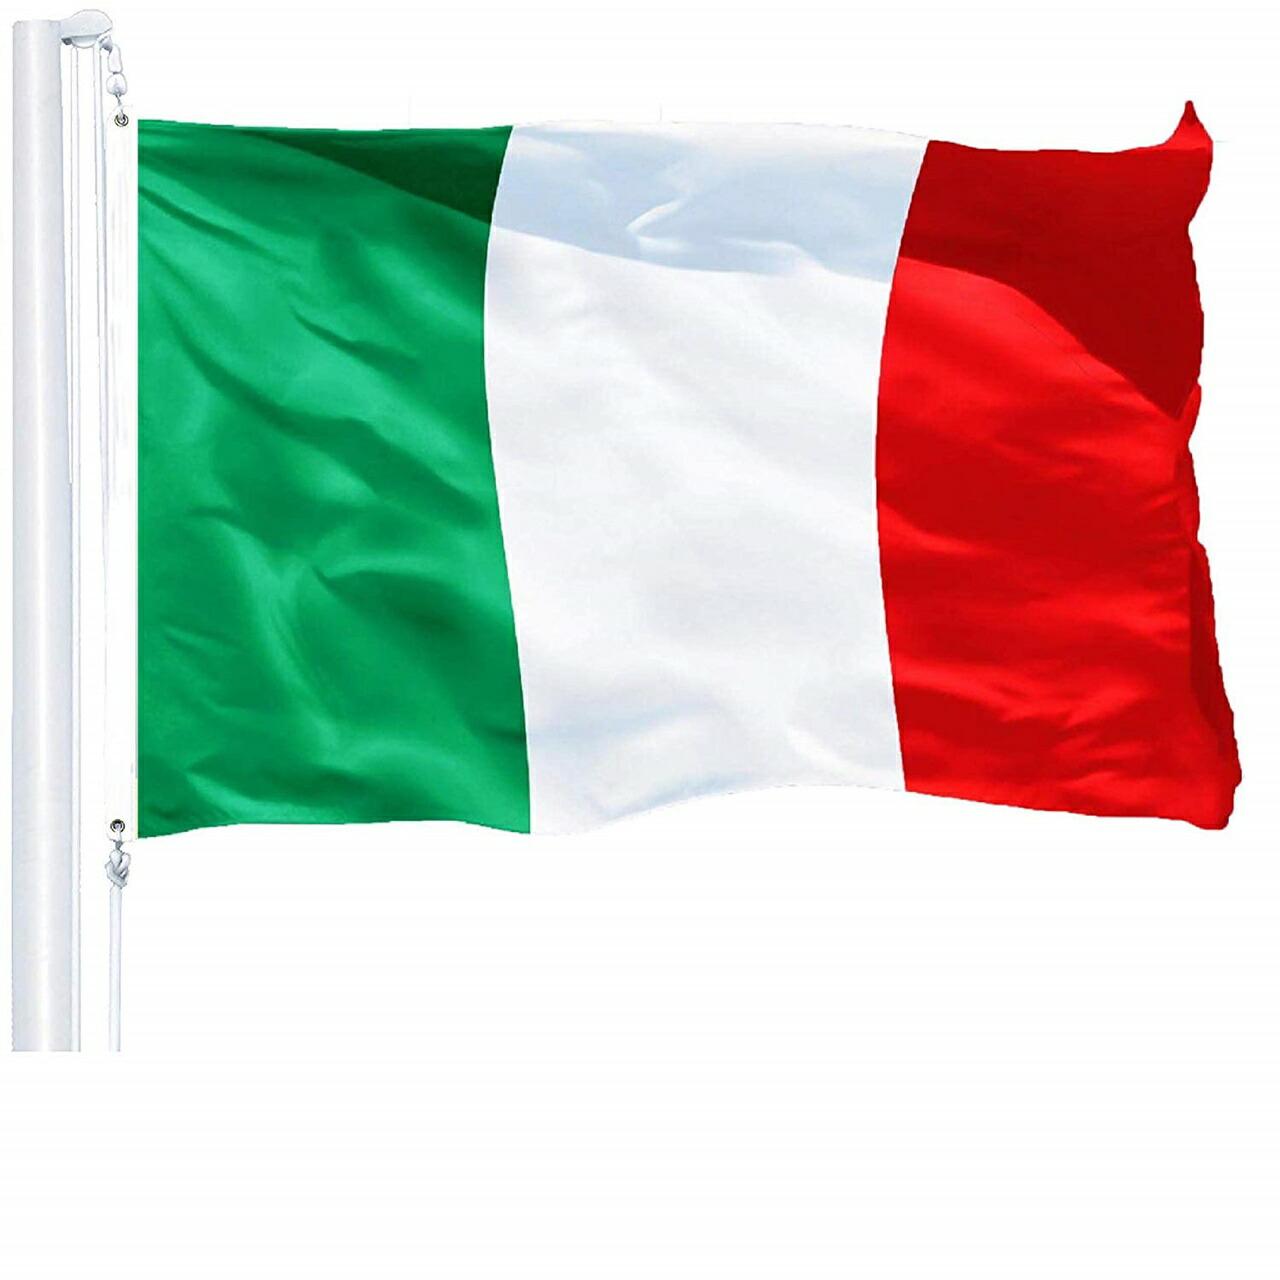 インテリアにも 人気のイタリア国旗 イタリー 人気の国旗 イタリア国旗 セール商品 配送員設置送料無料 三色旗 国旗 トリコロール イタリー国旗 Polycotton 91.4cm フラッグ x152.4cm